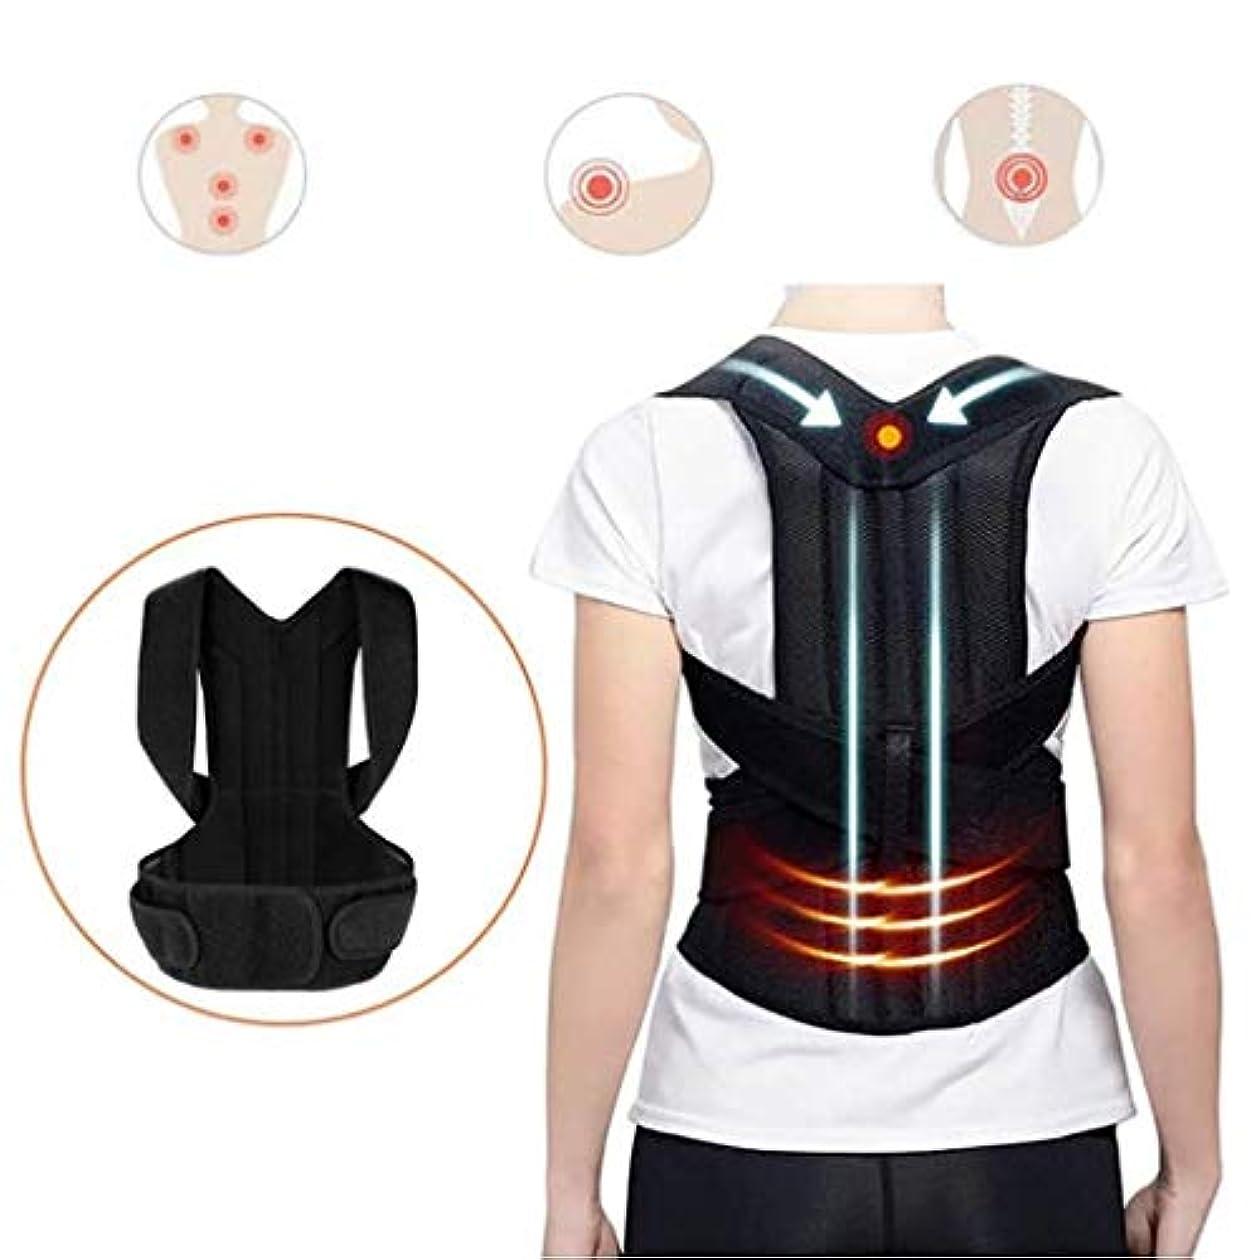 神聖電極俳句姿勢矯正ベルト、背部装具、悪い姿勢の改善、気質の改善、調整可能、腰痛緩和のための二重強力副木付き (Size : L)